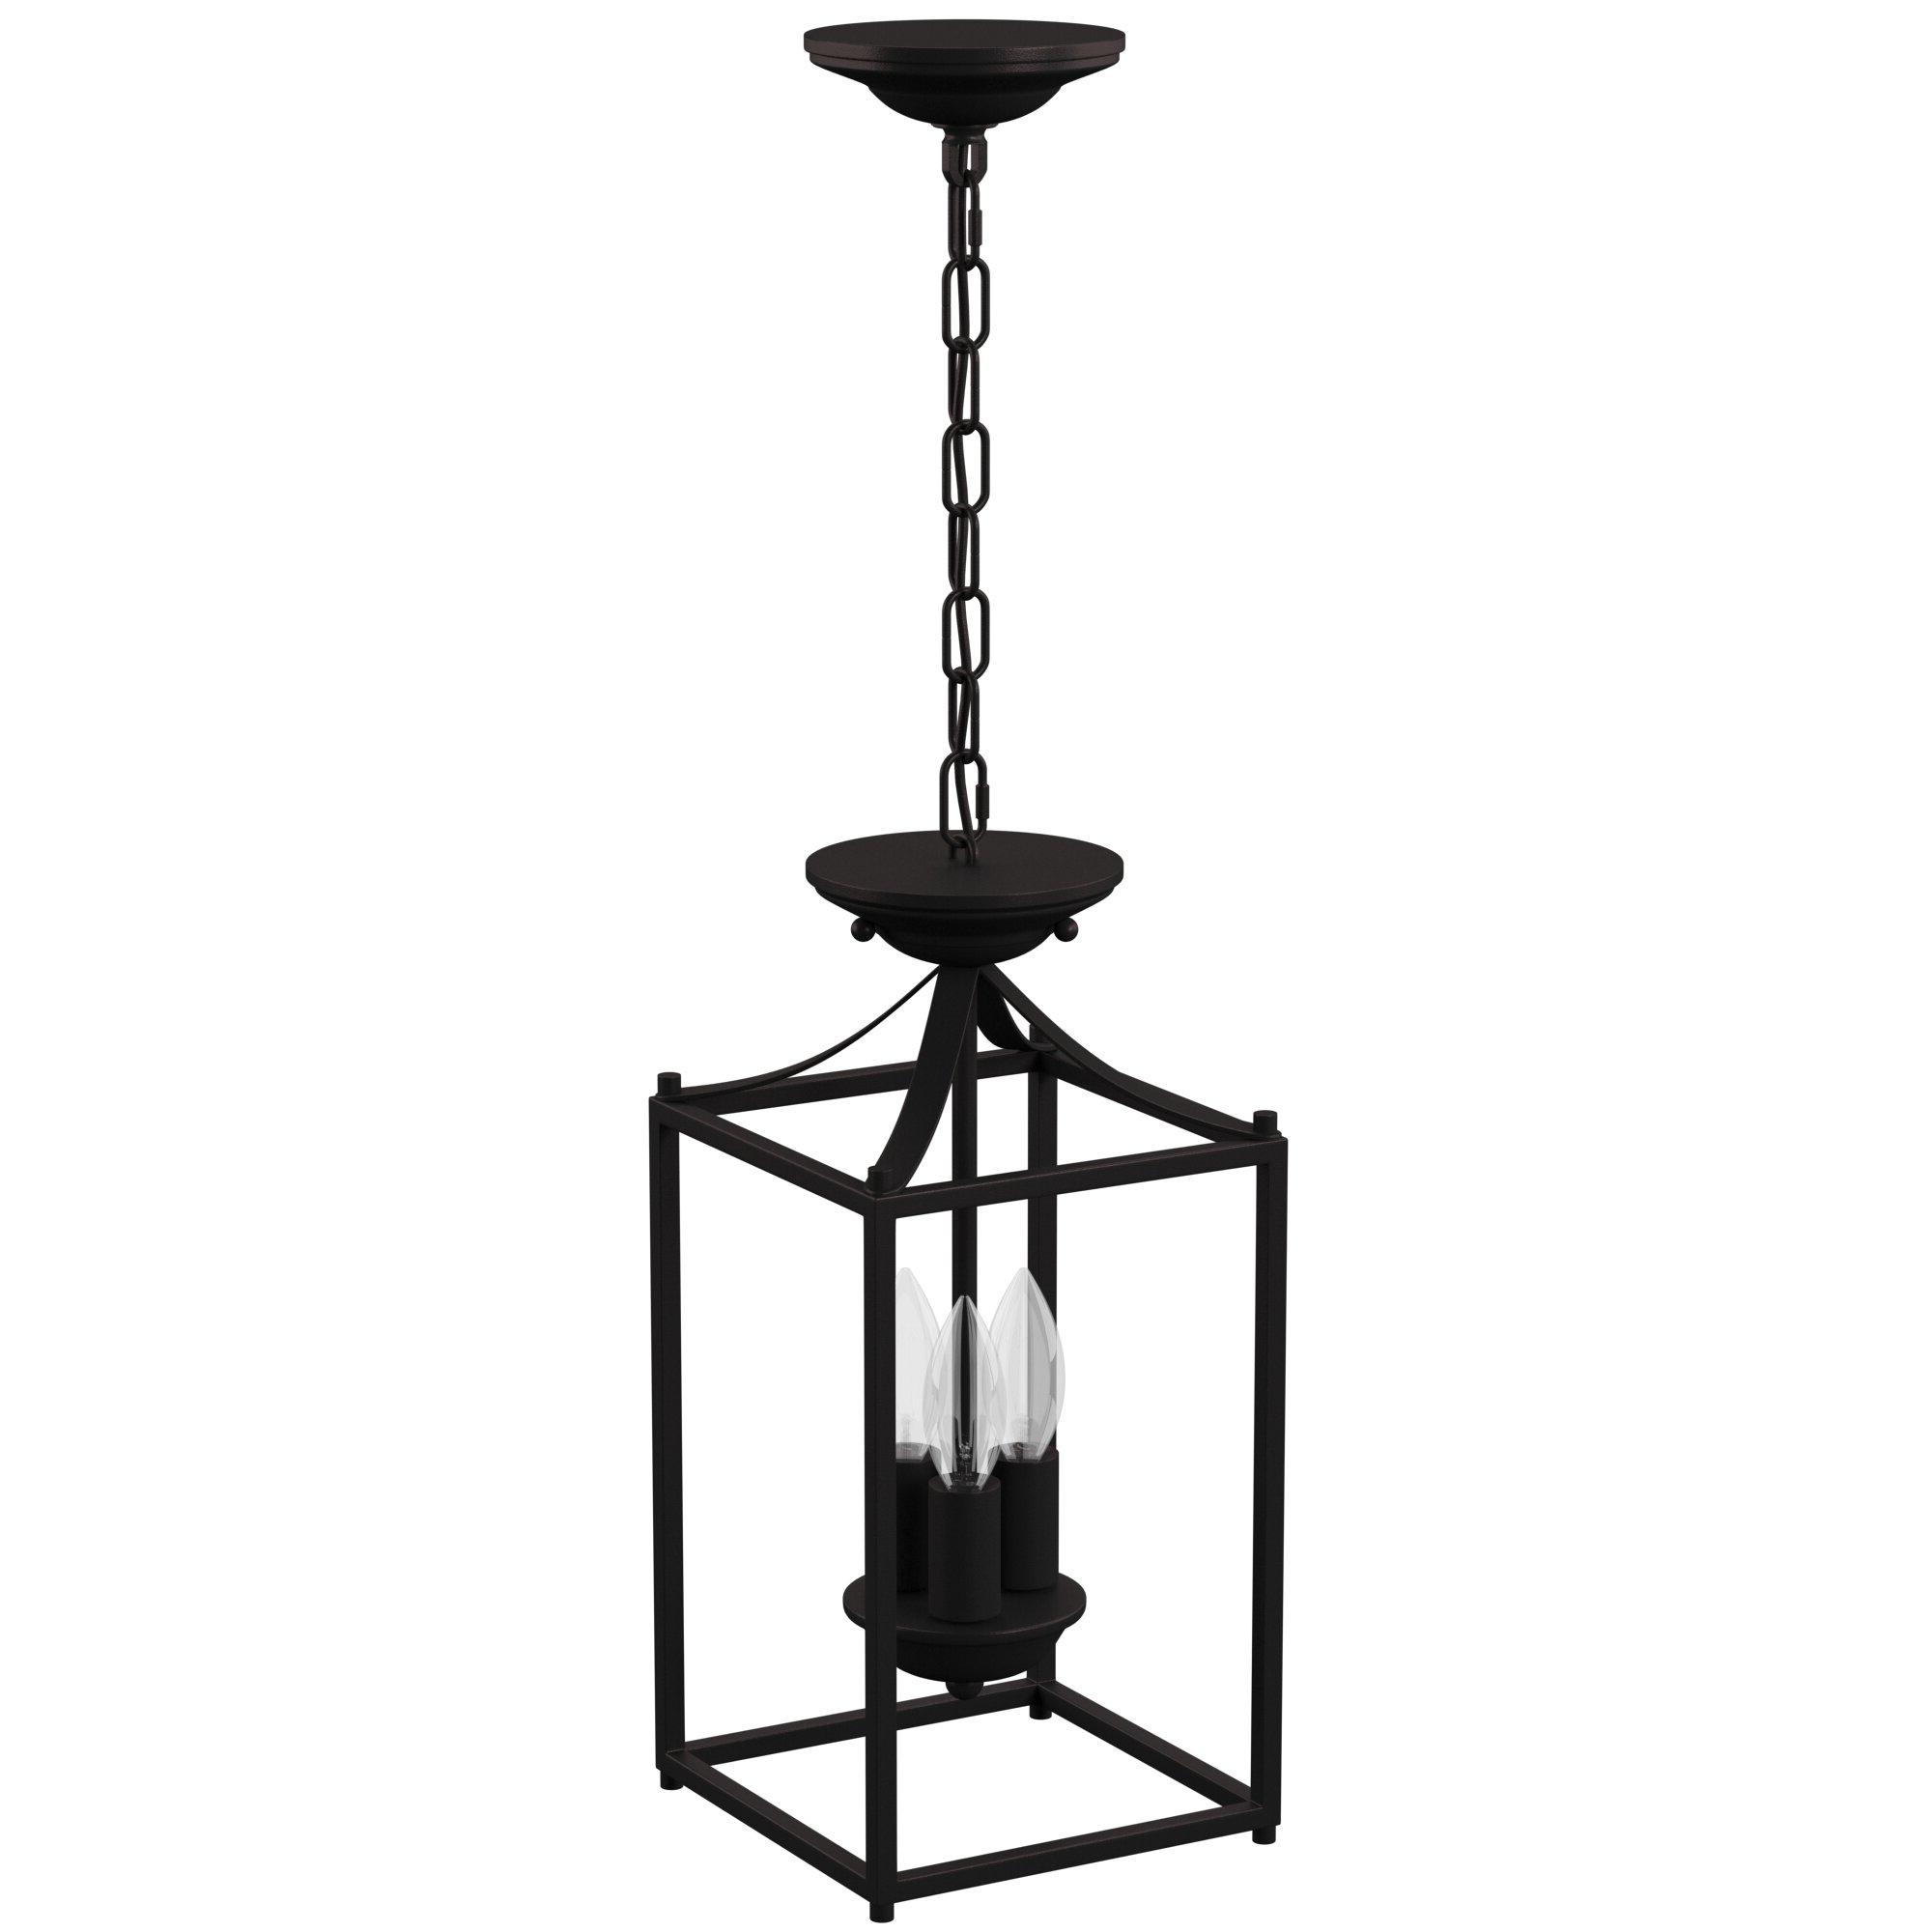 Popular Sherri Ann 3 Light Lantern Square / Rectangle Pendants Intended For Barryton 3 Light Lantern Square Pendant (View 12 of 20)